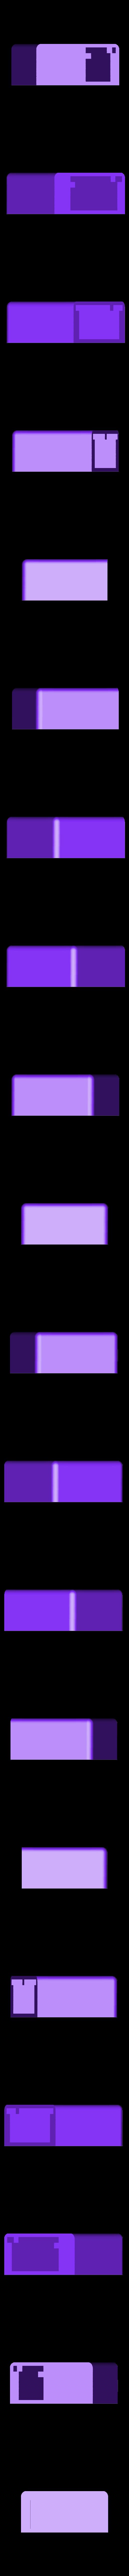 DrawerOutside.stl Télécharger fichier STL gratuit Tiroir • Plan pour imprimante 3D, Digitang3D